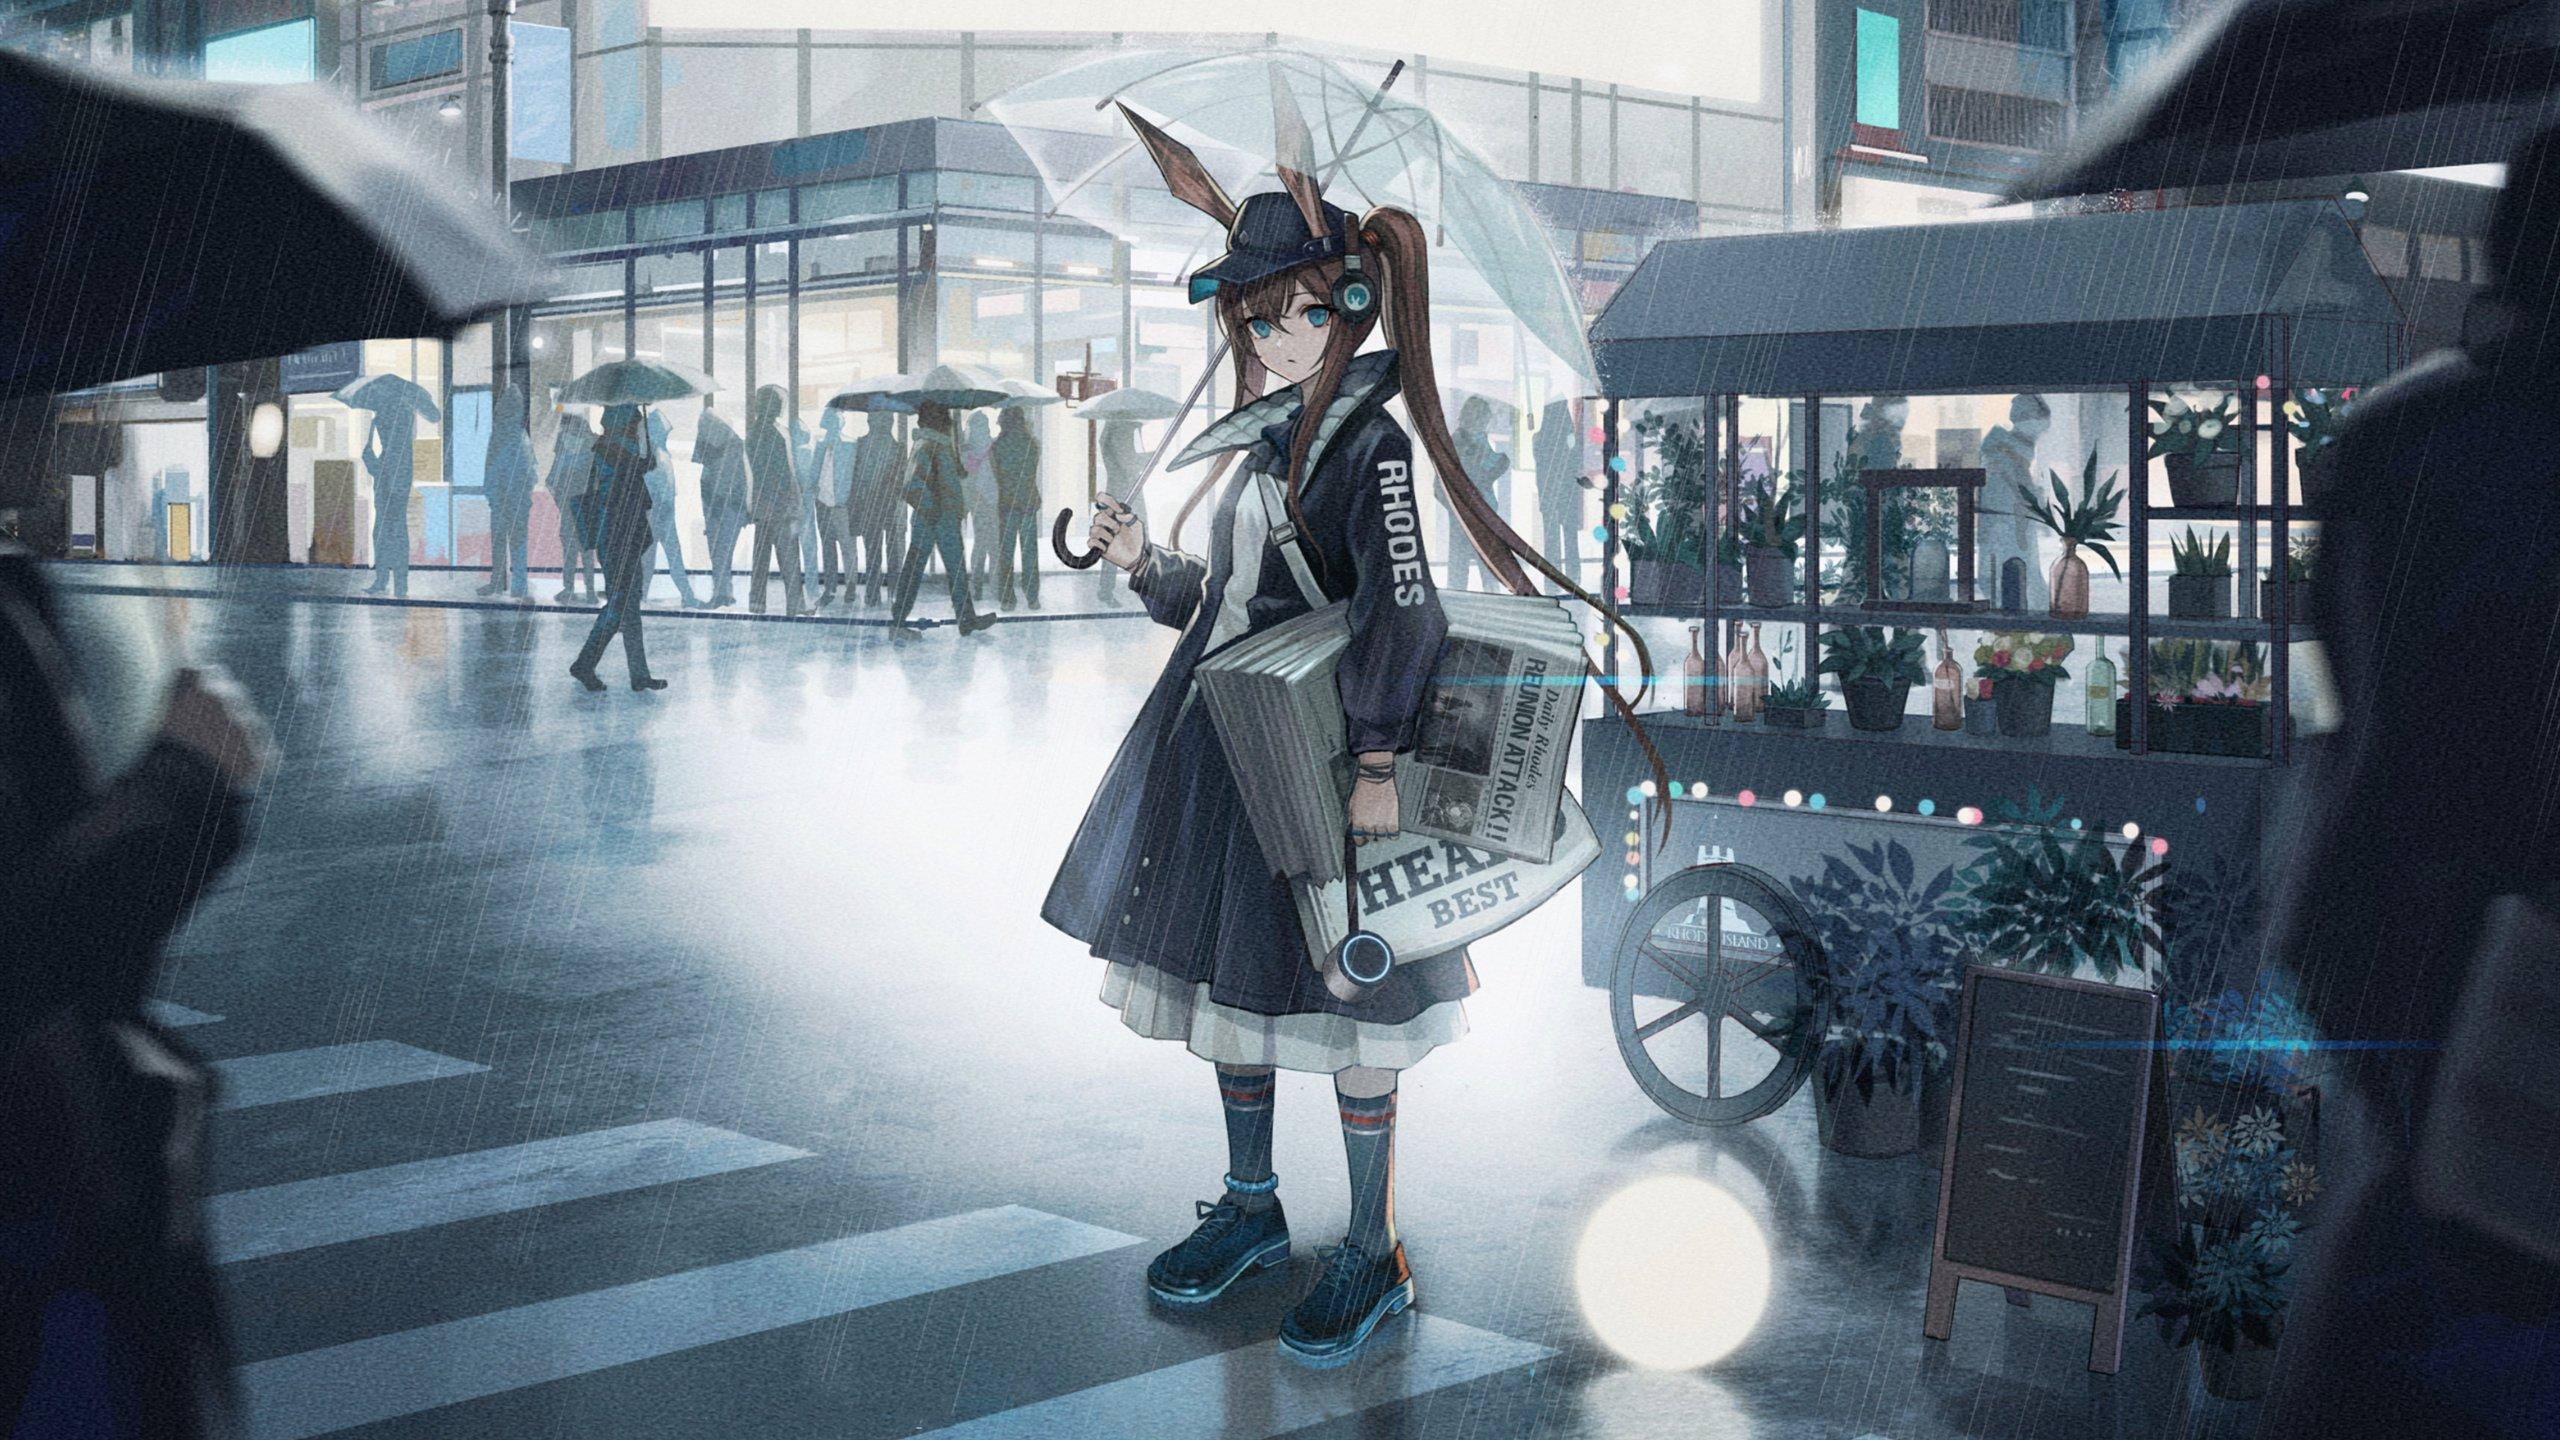 雨中撑伞 带着兔耳朵 拿着报纸的女孩 高清动漫壁纸,电脑桌面动漫壁纸插图